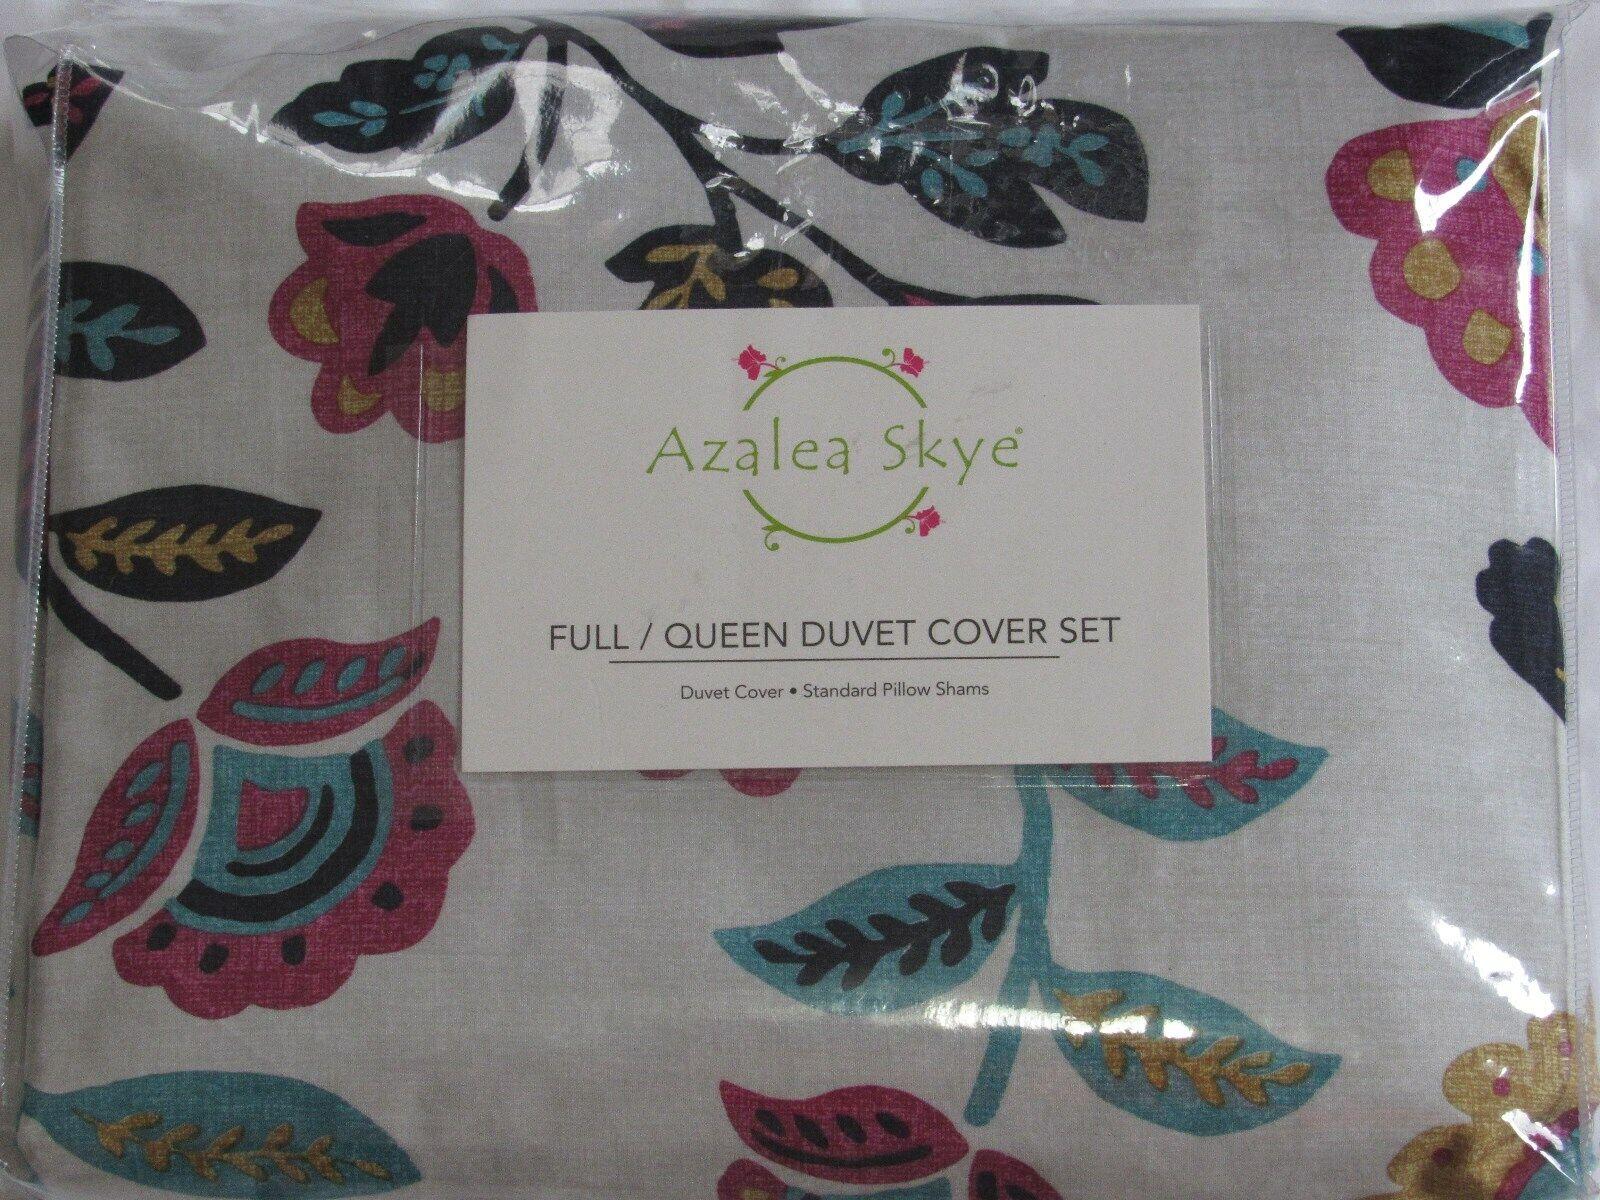 Azalea Skye Mina F Q Duvet Cover Set birds multi color full queen polyester new